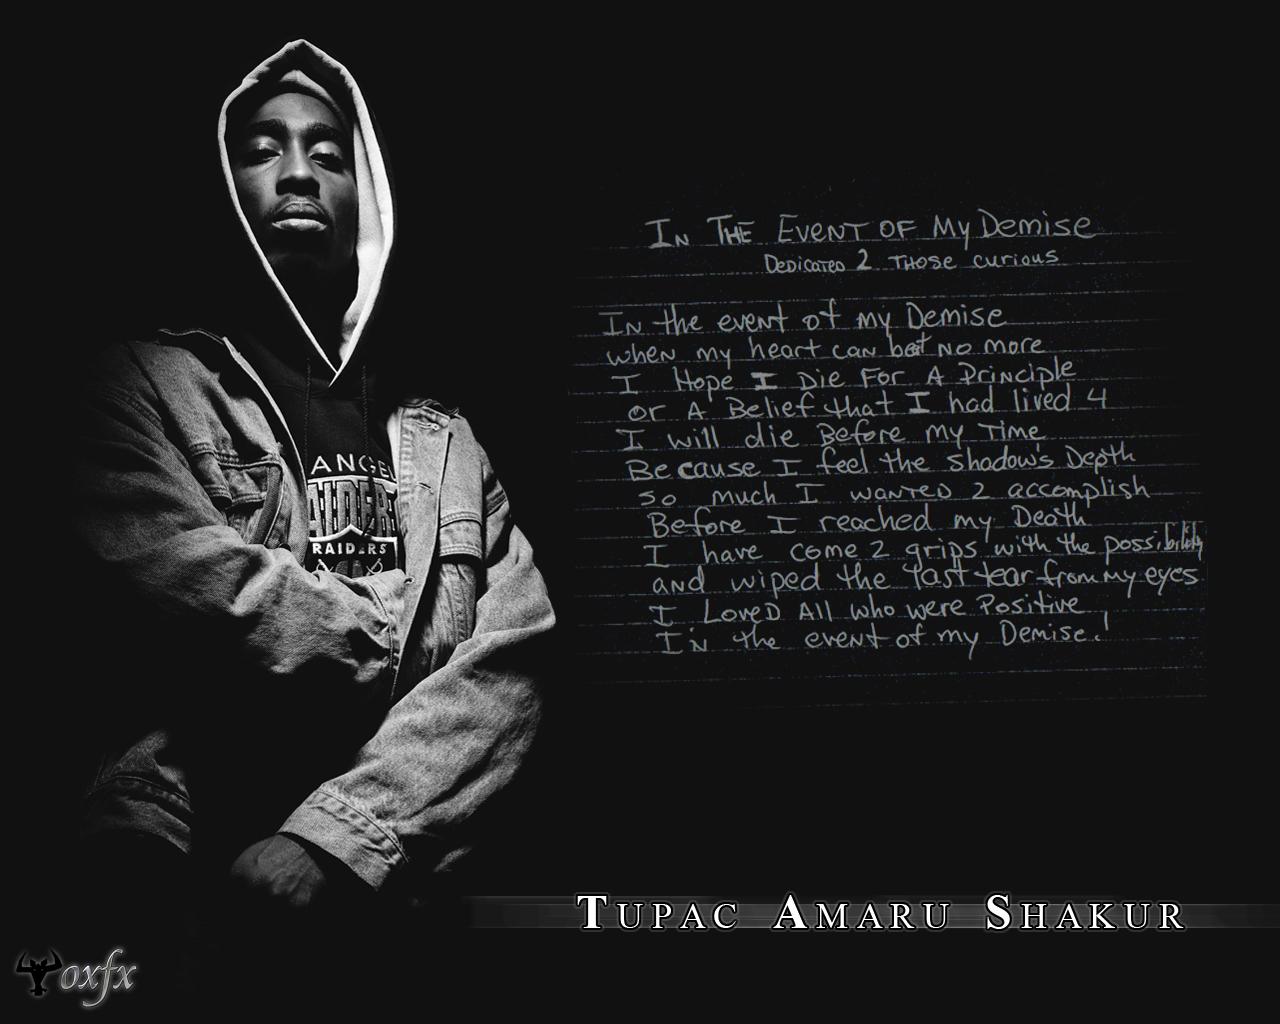 tupac shakur quotes 2pac quote wallpaper 2pac quote tupac shakur tupac 1280x1024